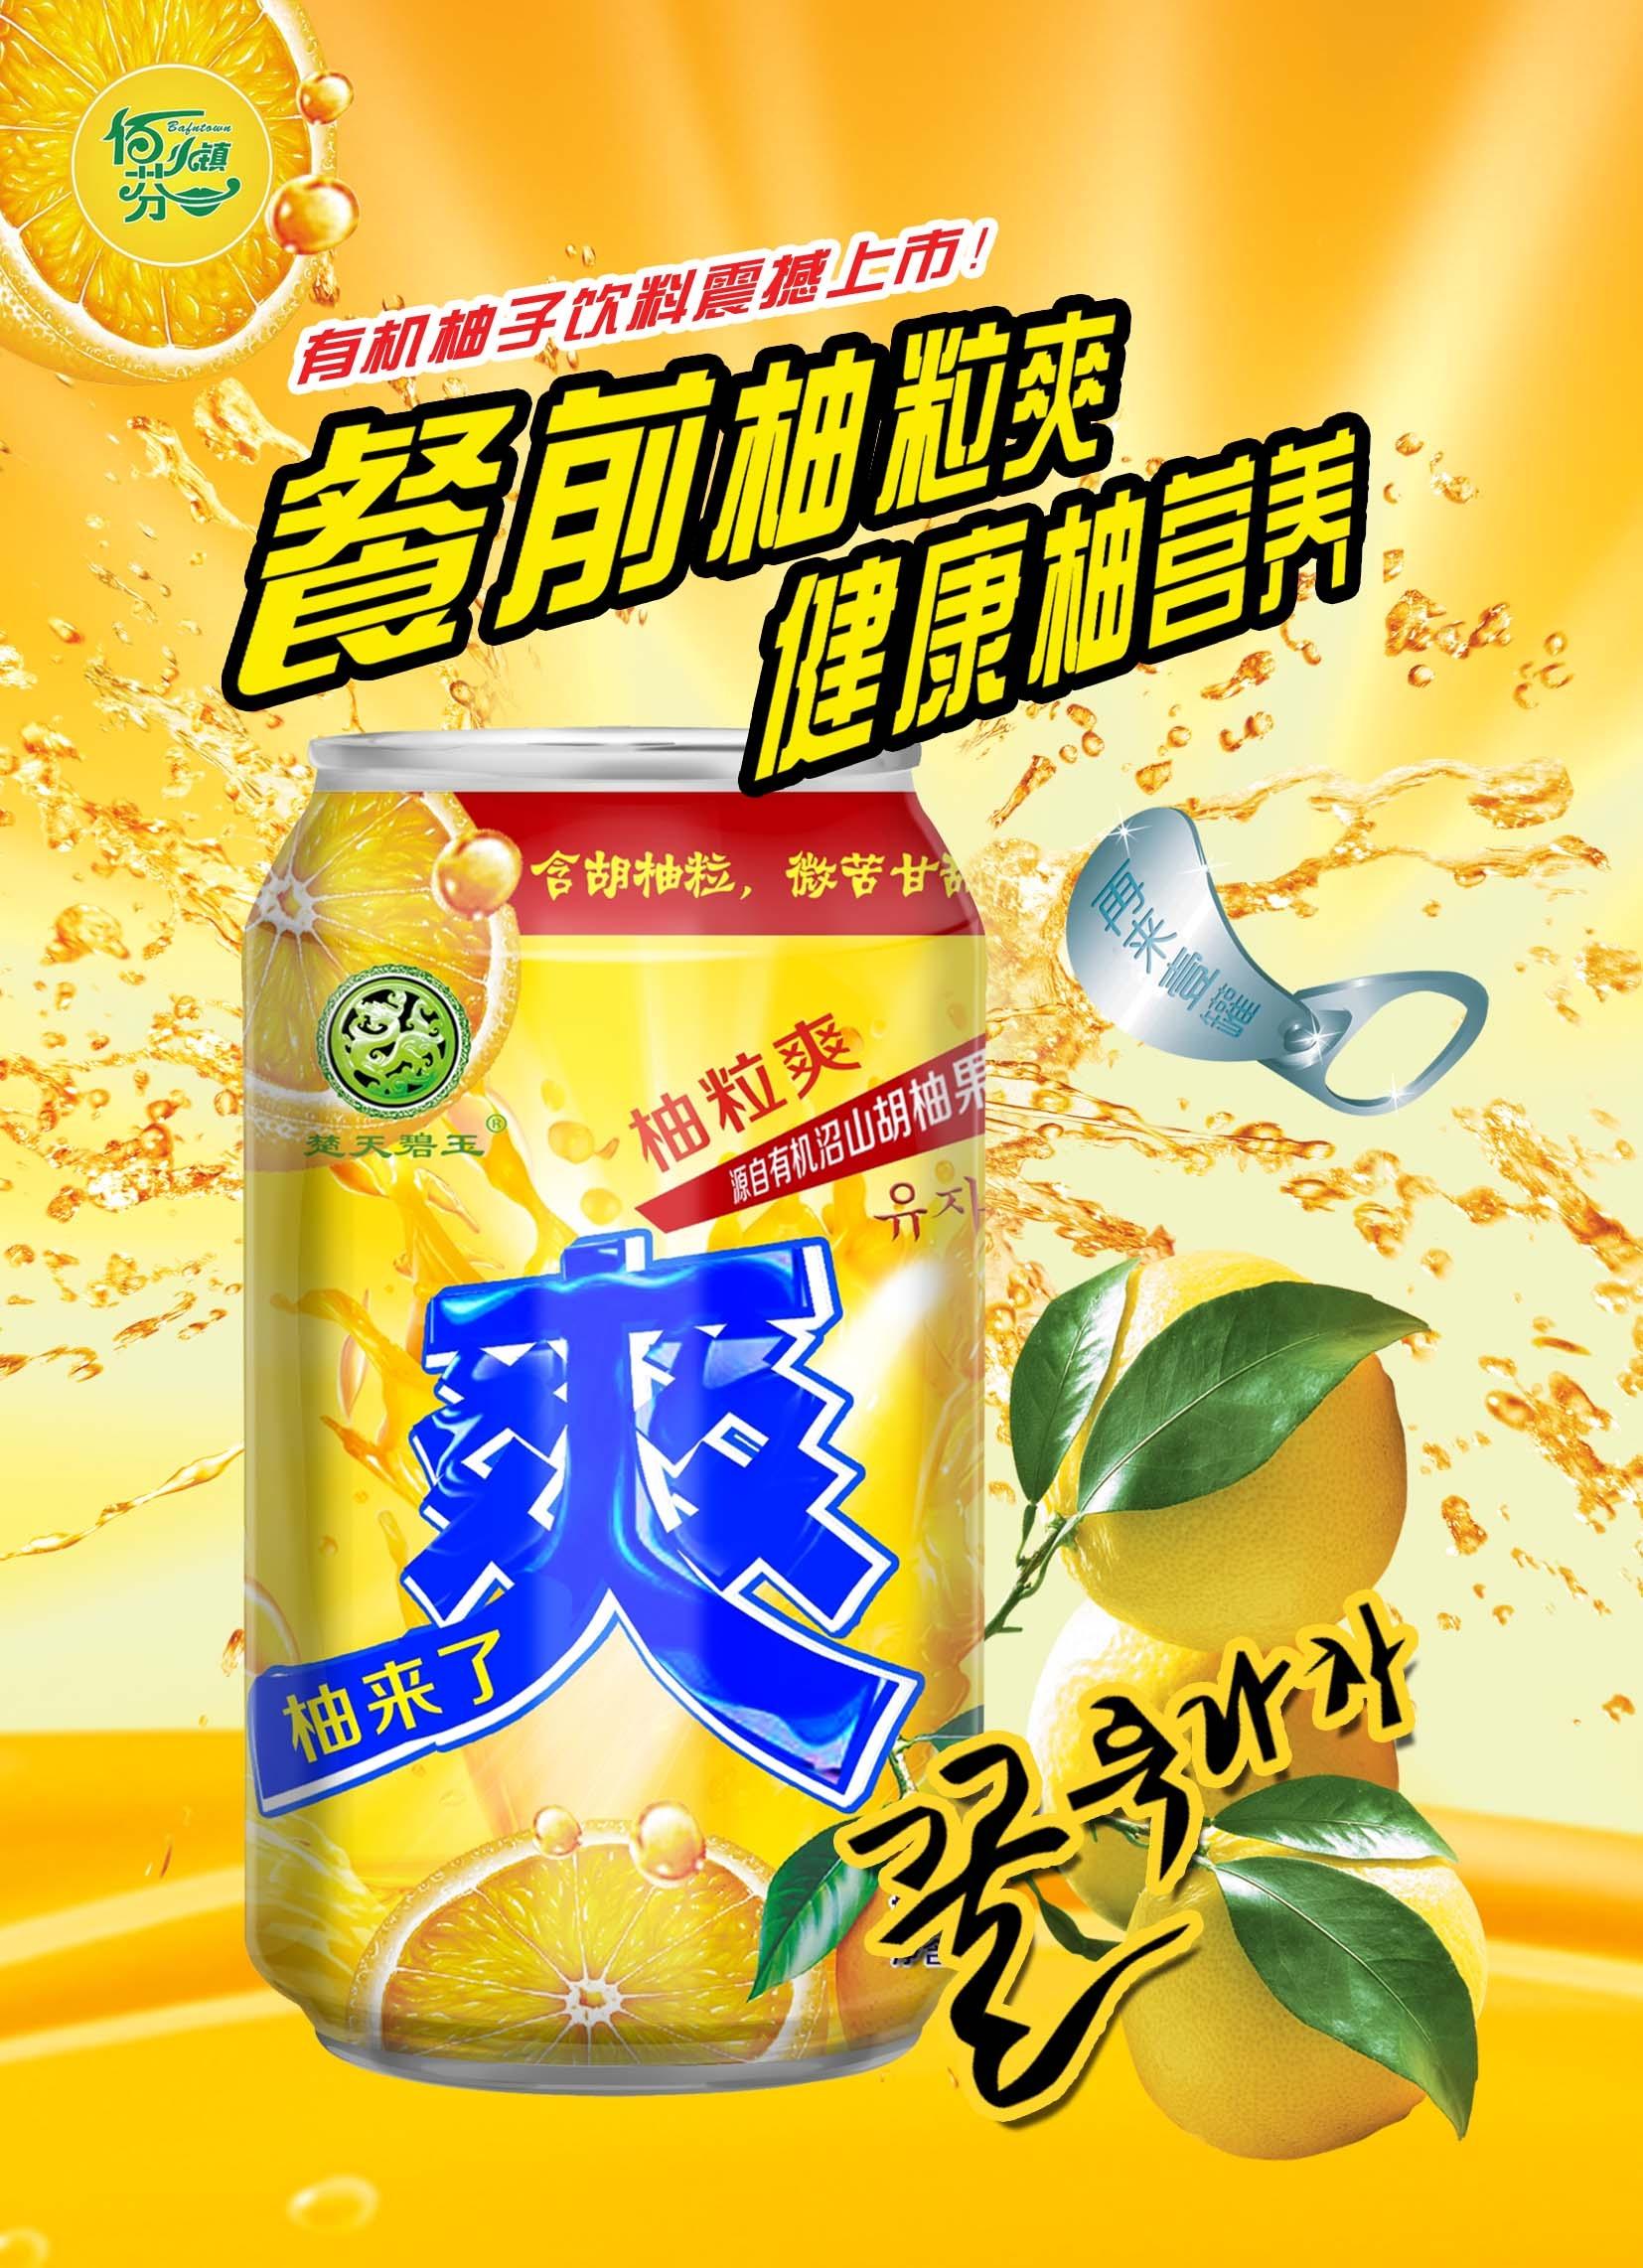 柚粒爽纯果汁饮料